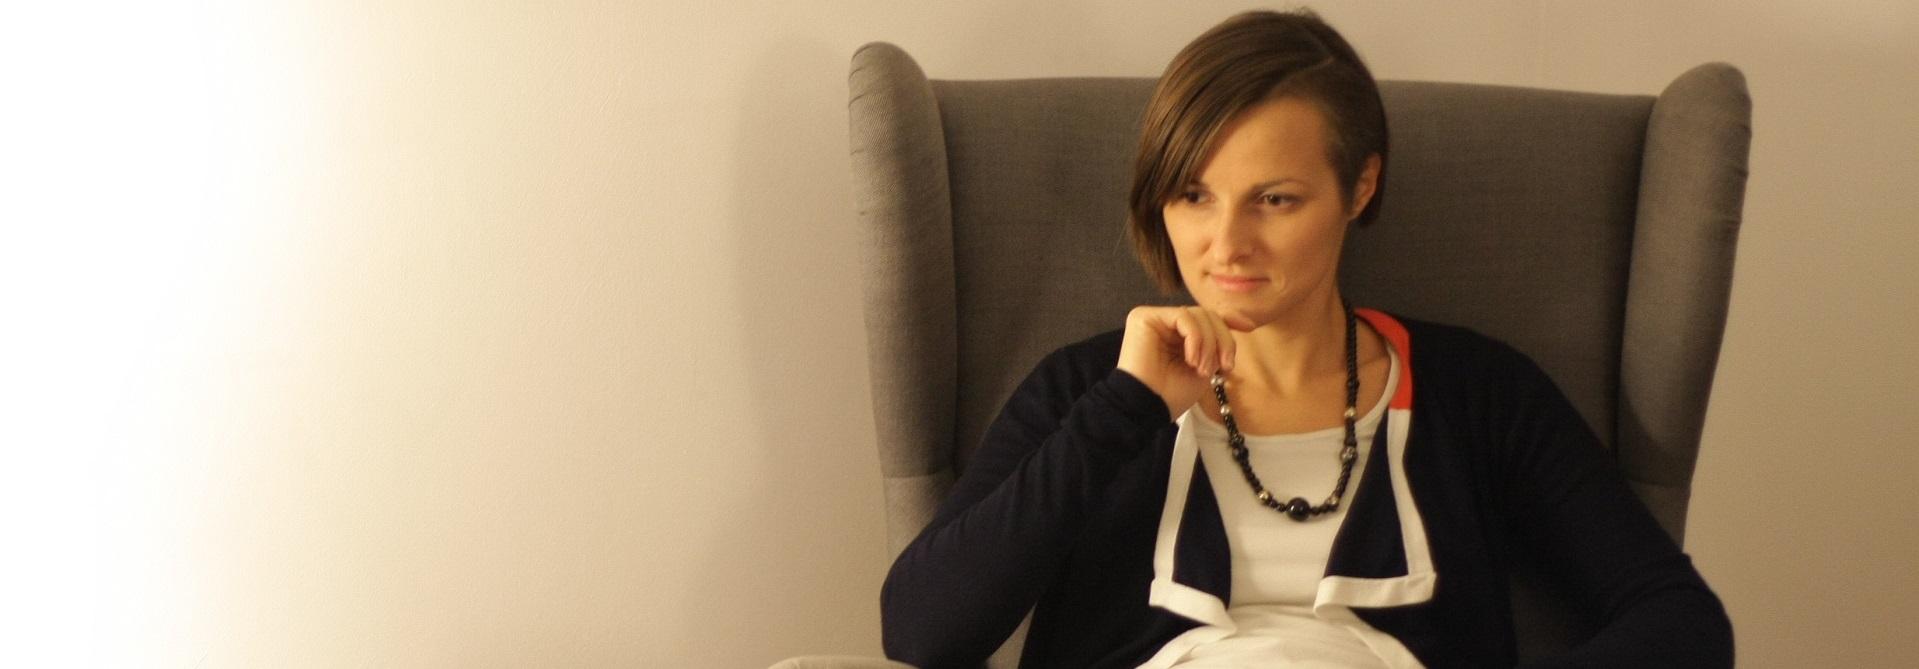 Alina Lorek psycholog wrocław psychoterapia o mnie